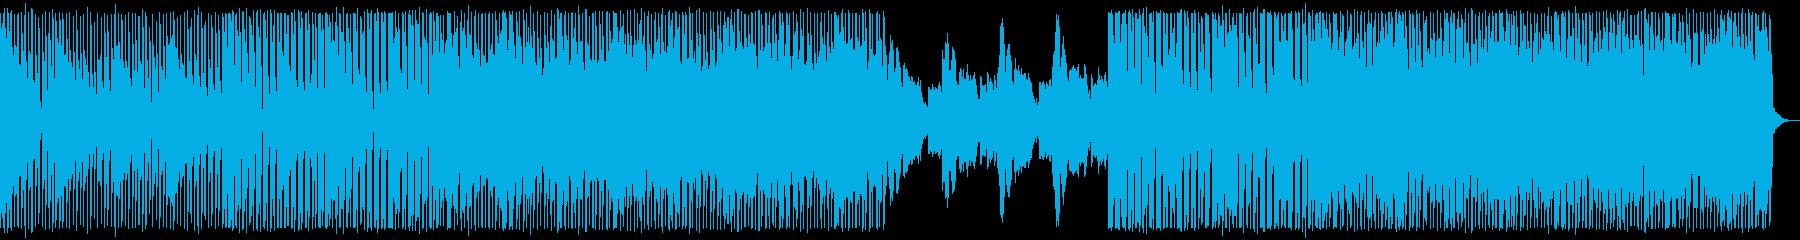 脱力感があるエレクトロ_No625_1の再生済みの波形